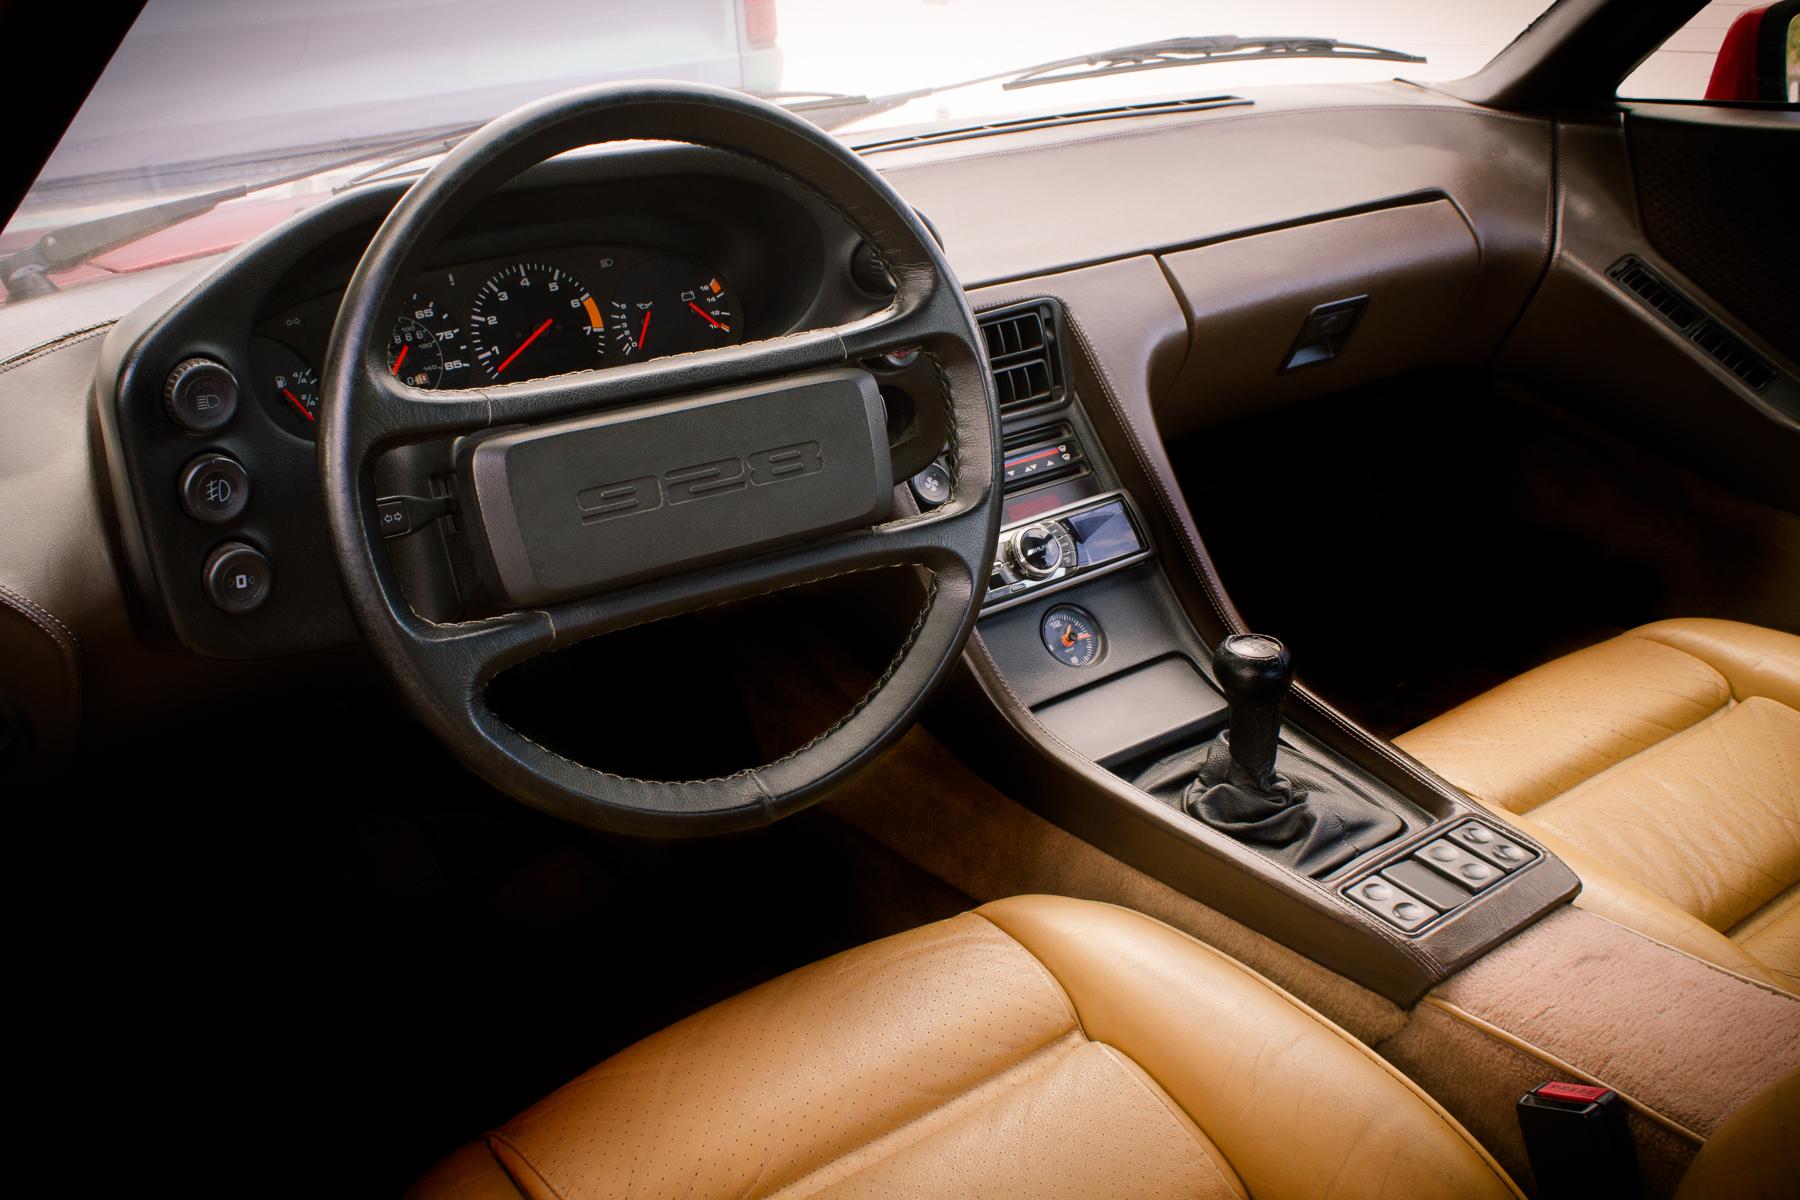 33 year old interior still looks fairly modern